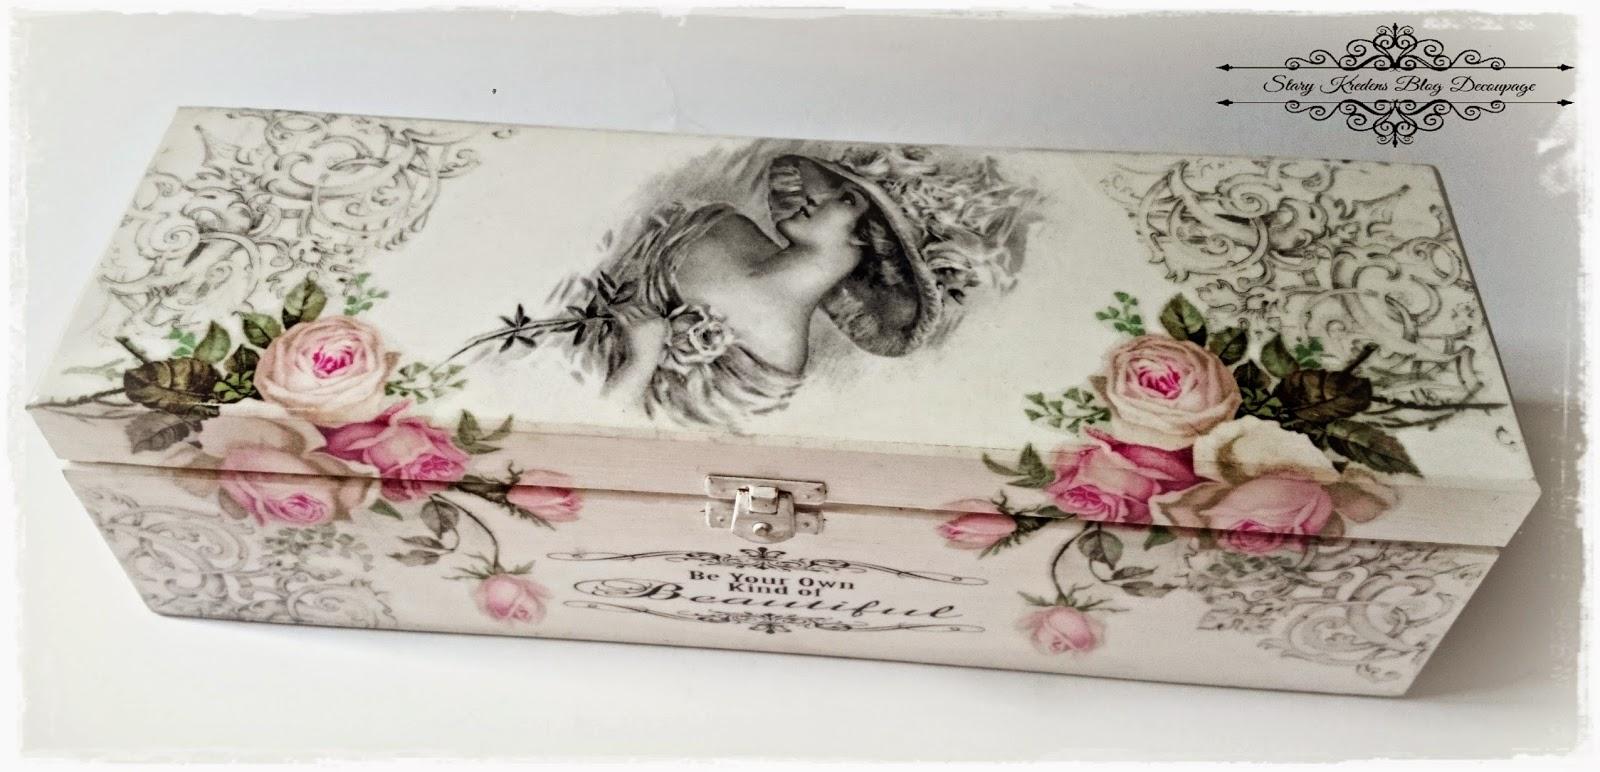 Angielska dama wśród róż – biel i szarości – Decoupage.